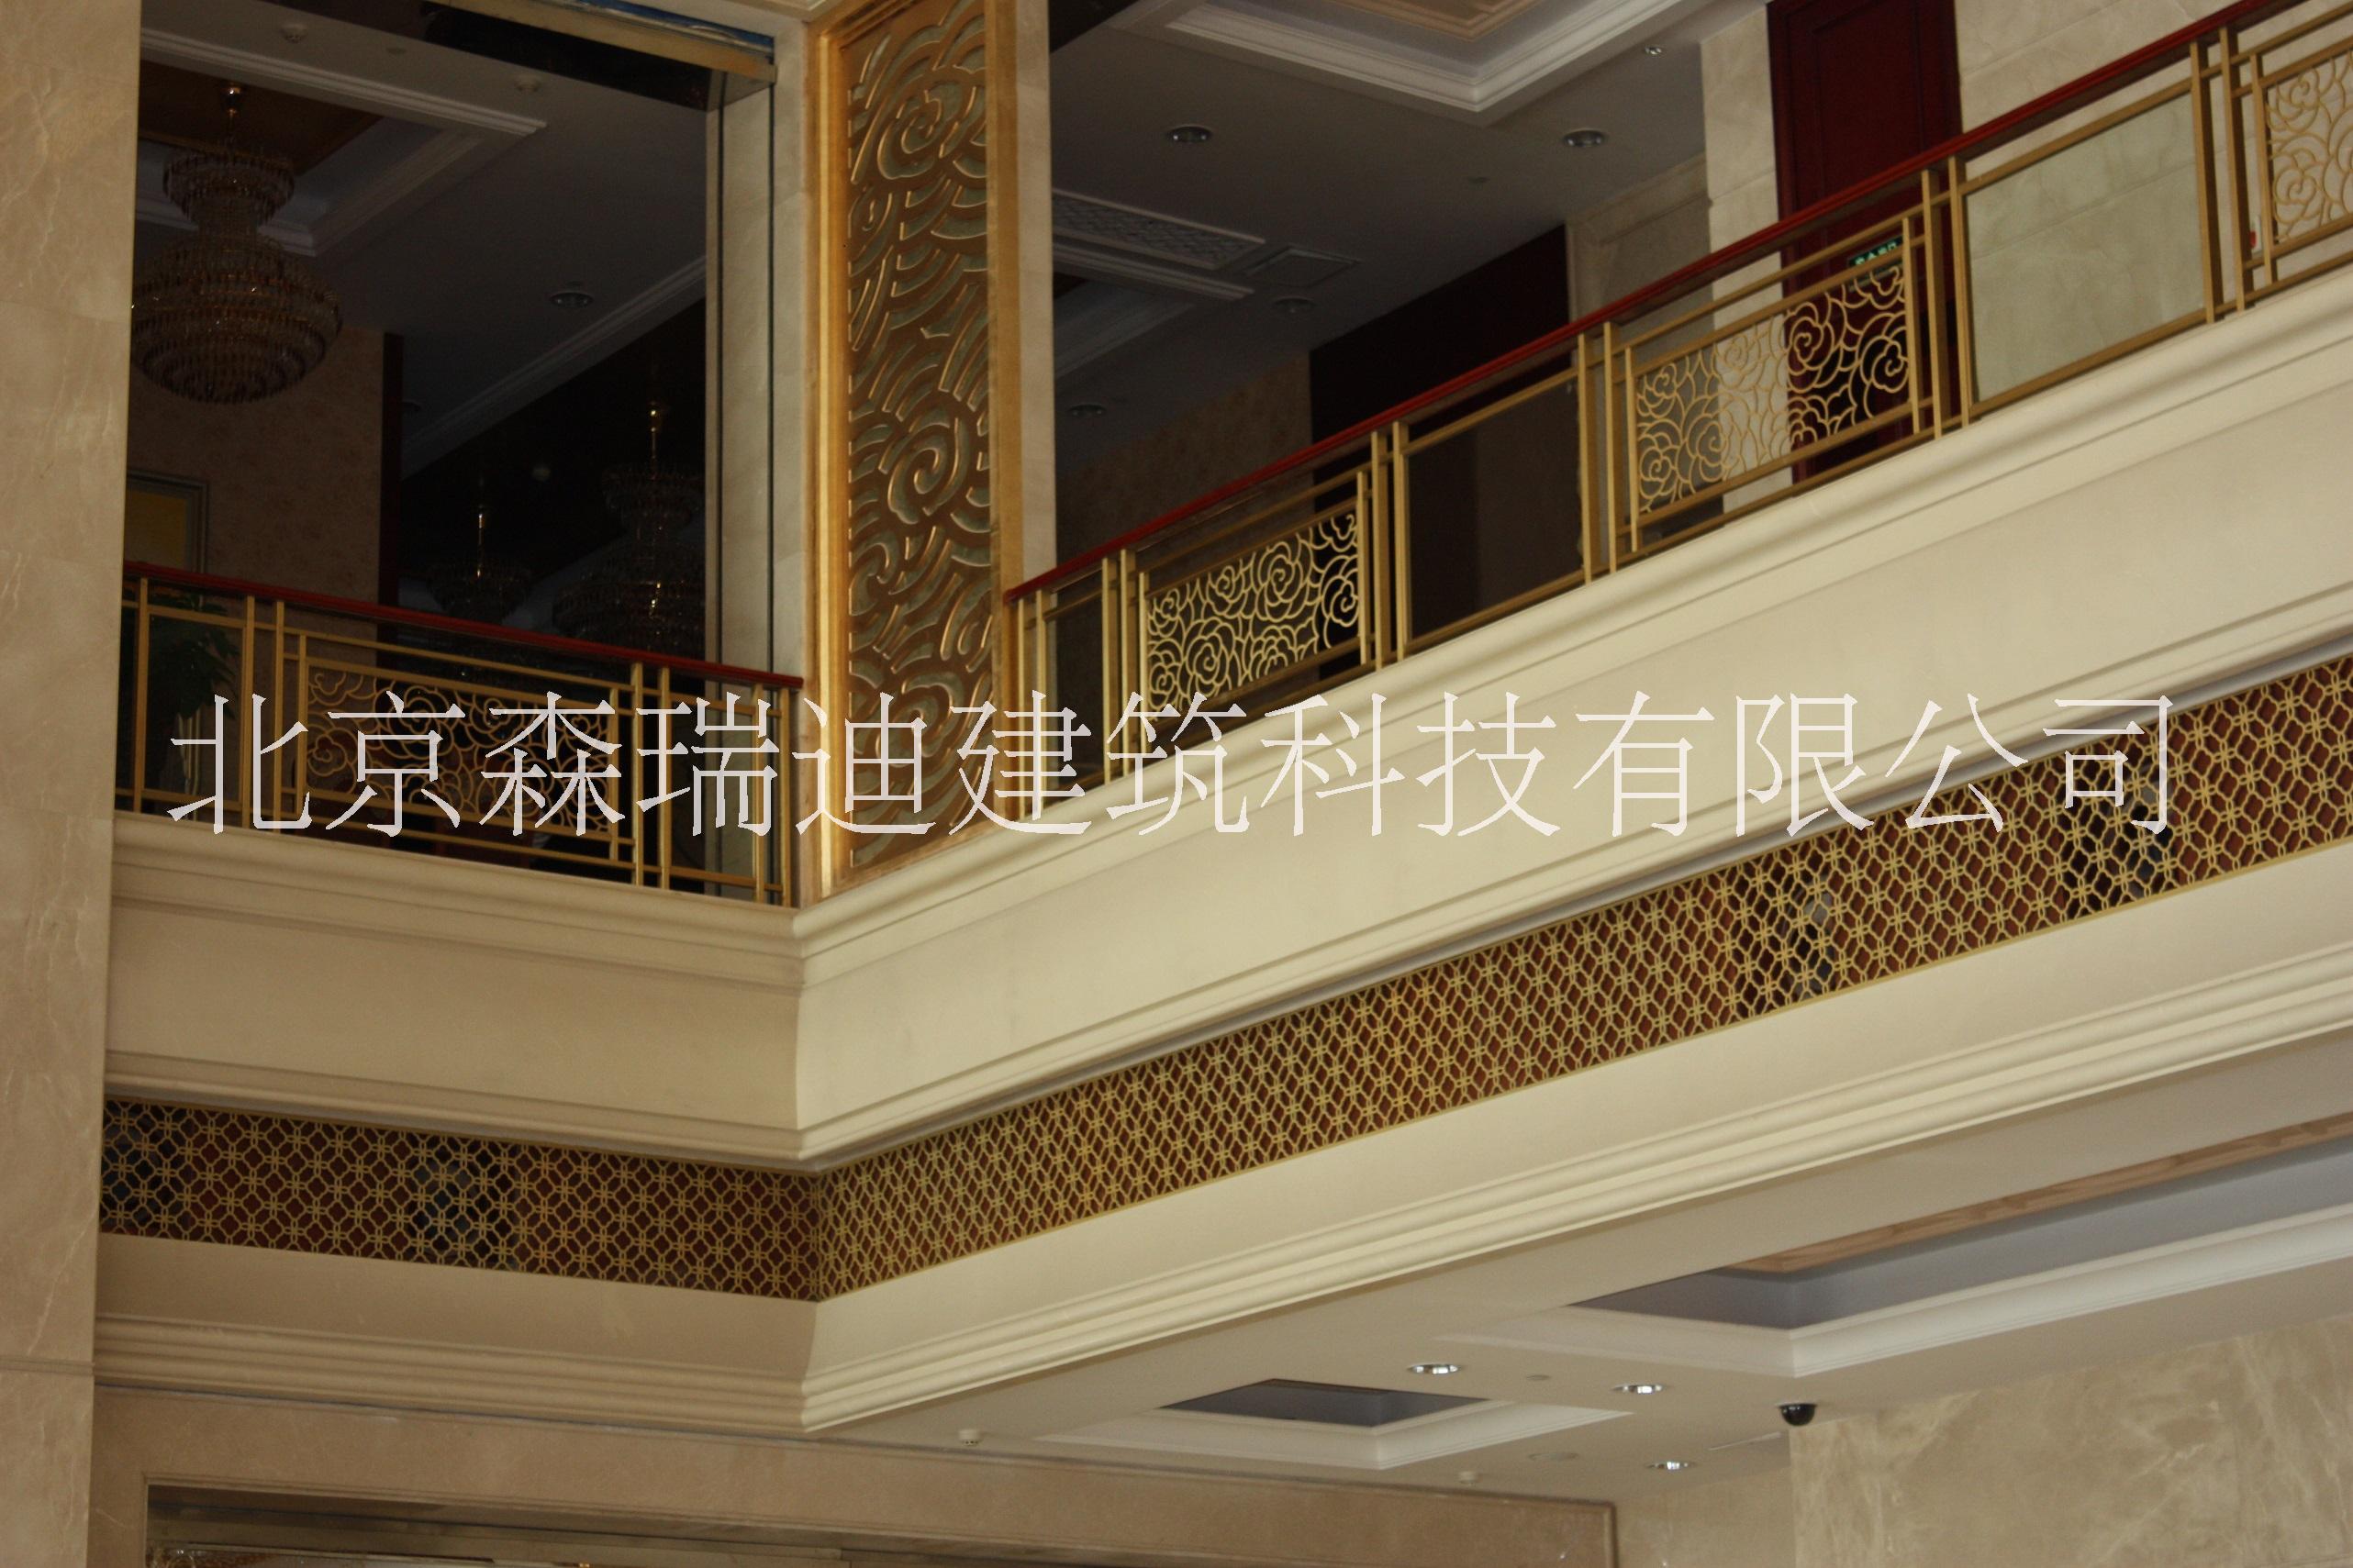 北京森瑞迪GRG画框 GRG画框厂家 华北GRG画框厂家